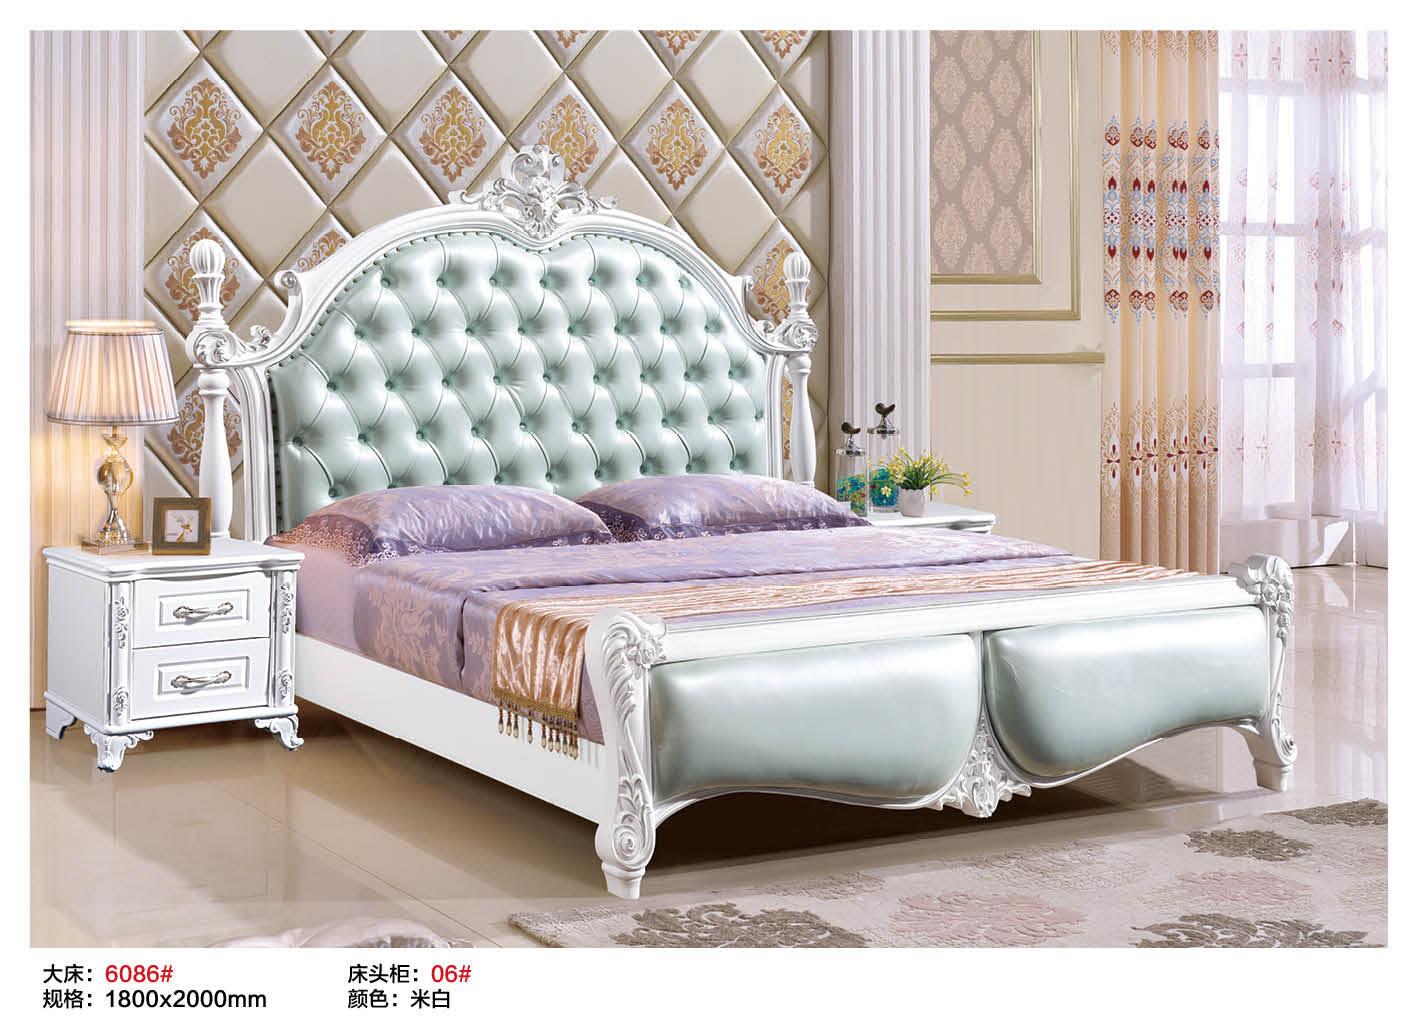 成套欧式家具套装组合卧室法式整套家用套房板木结合套房四六件套